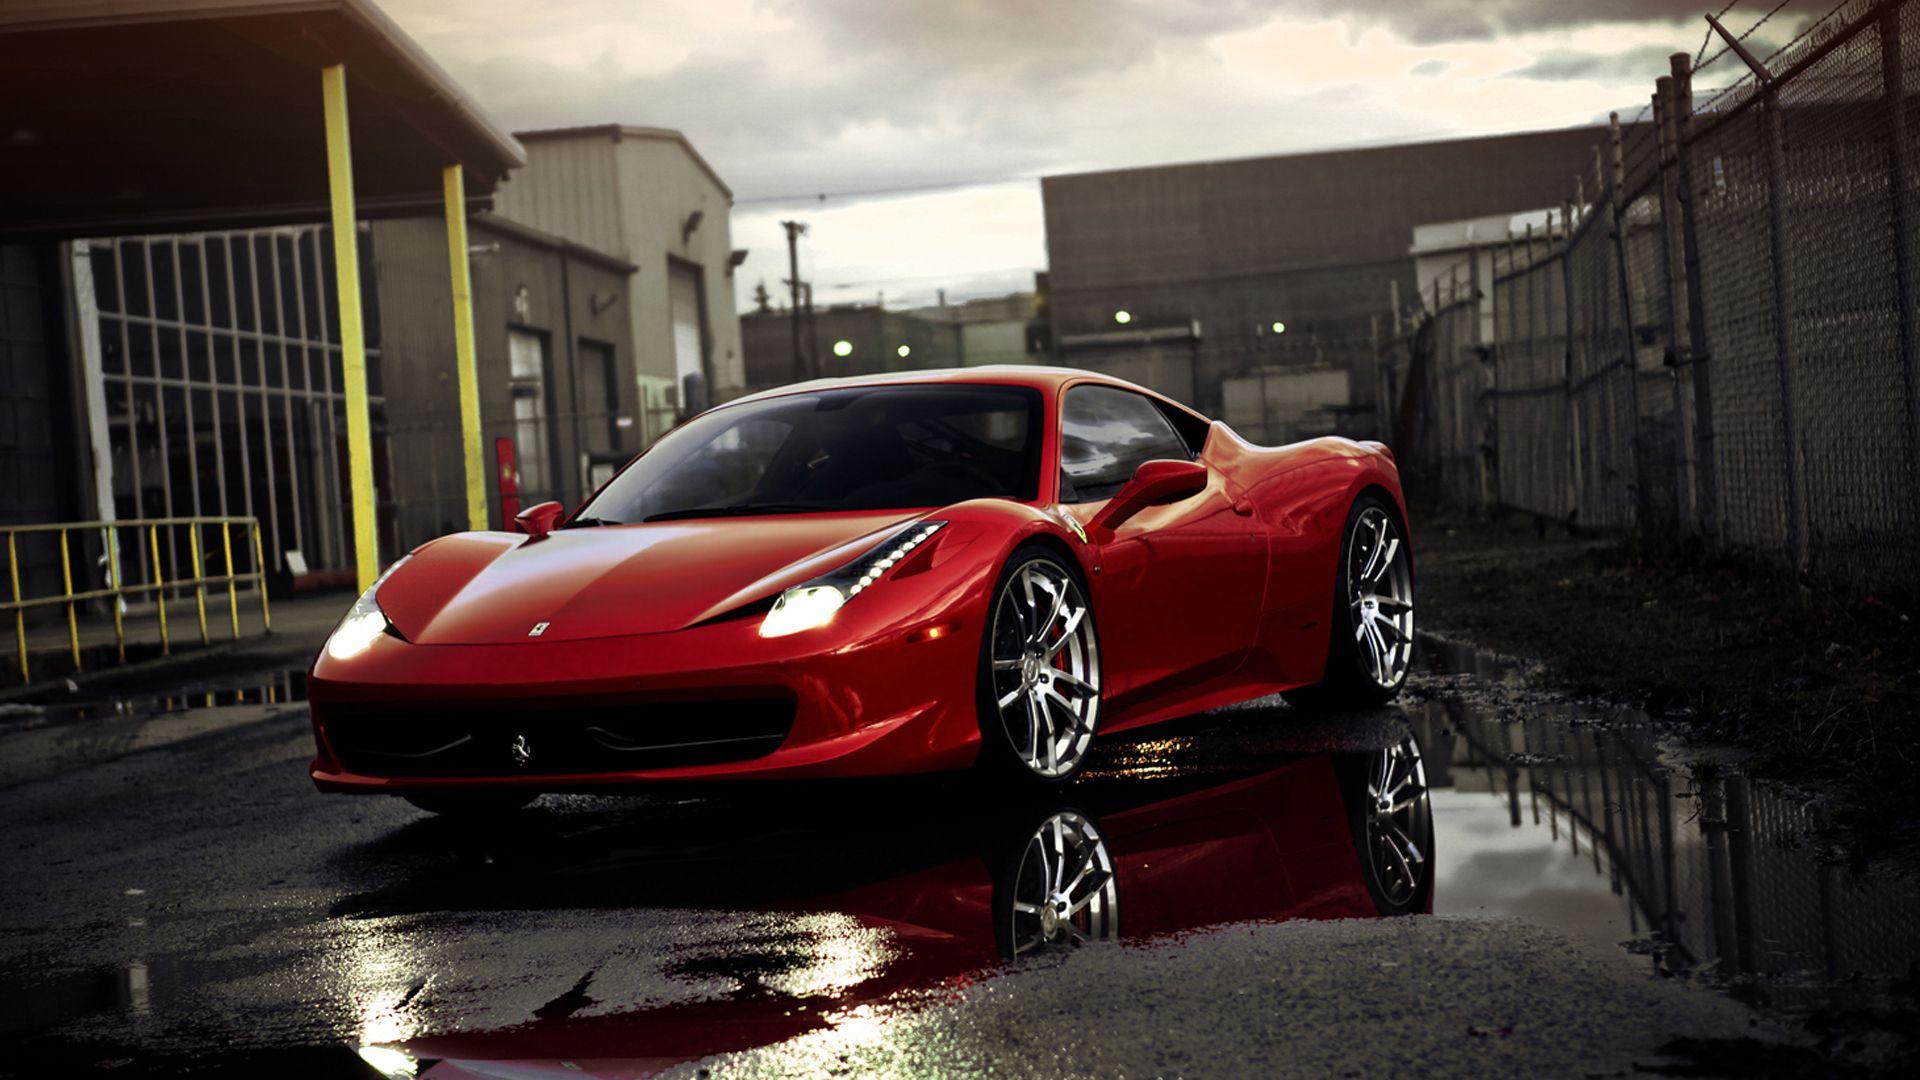 Ferrari 458 Italia Spider Wallpaper   Buscar Con Google